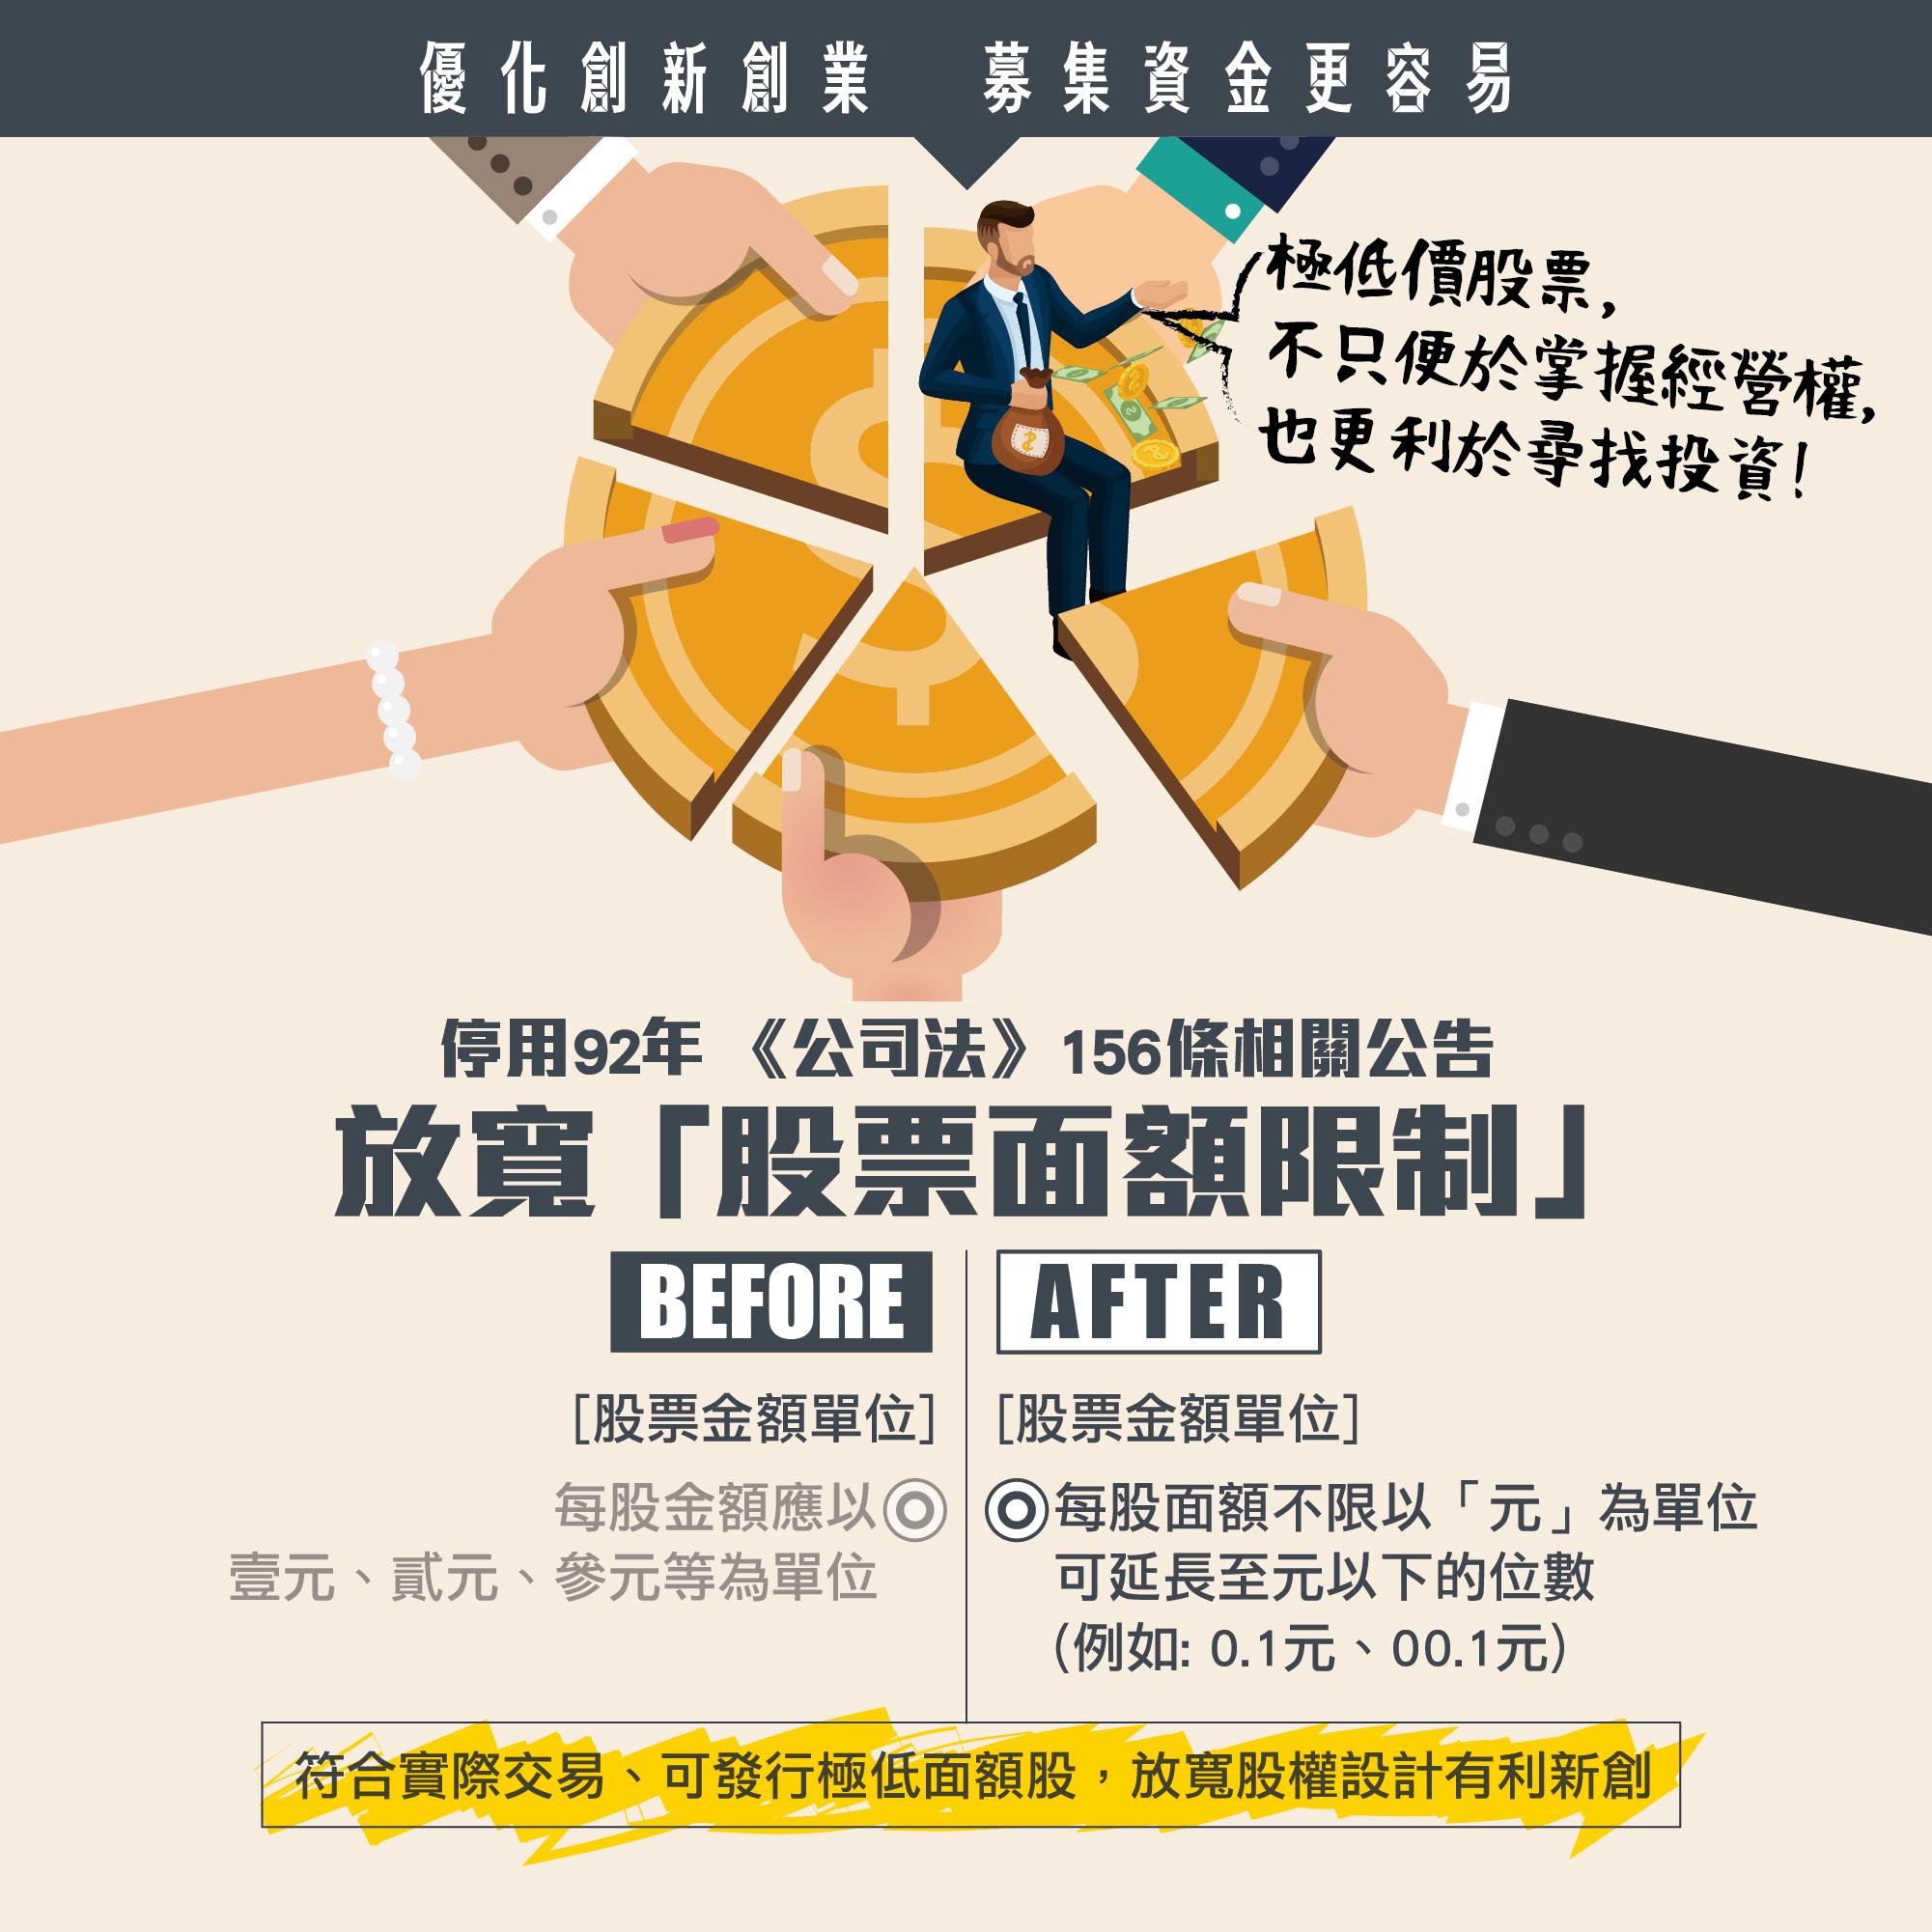 鬆綁法規 才能加速投資台灣